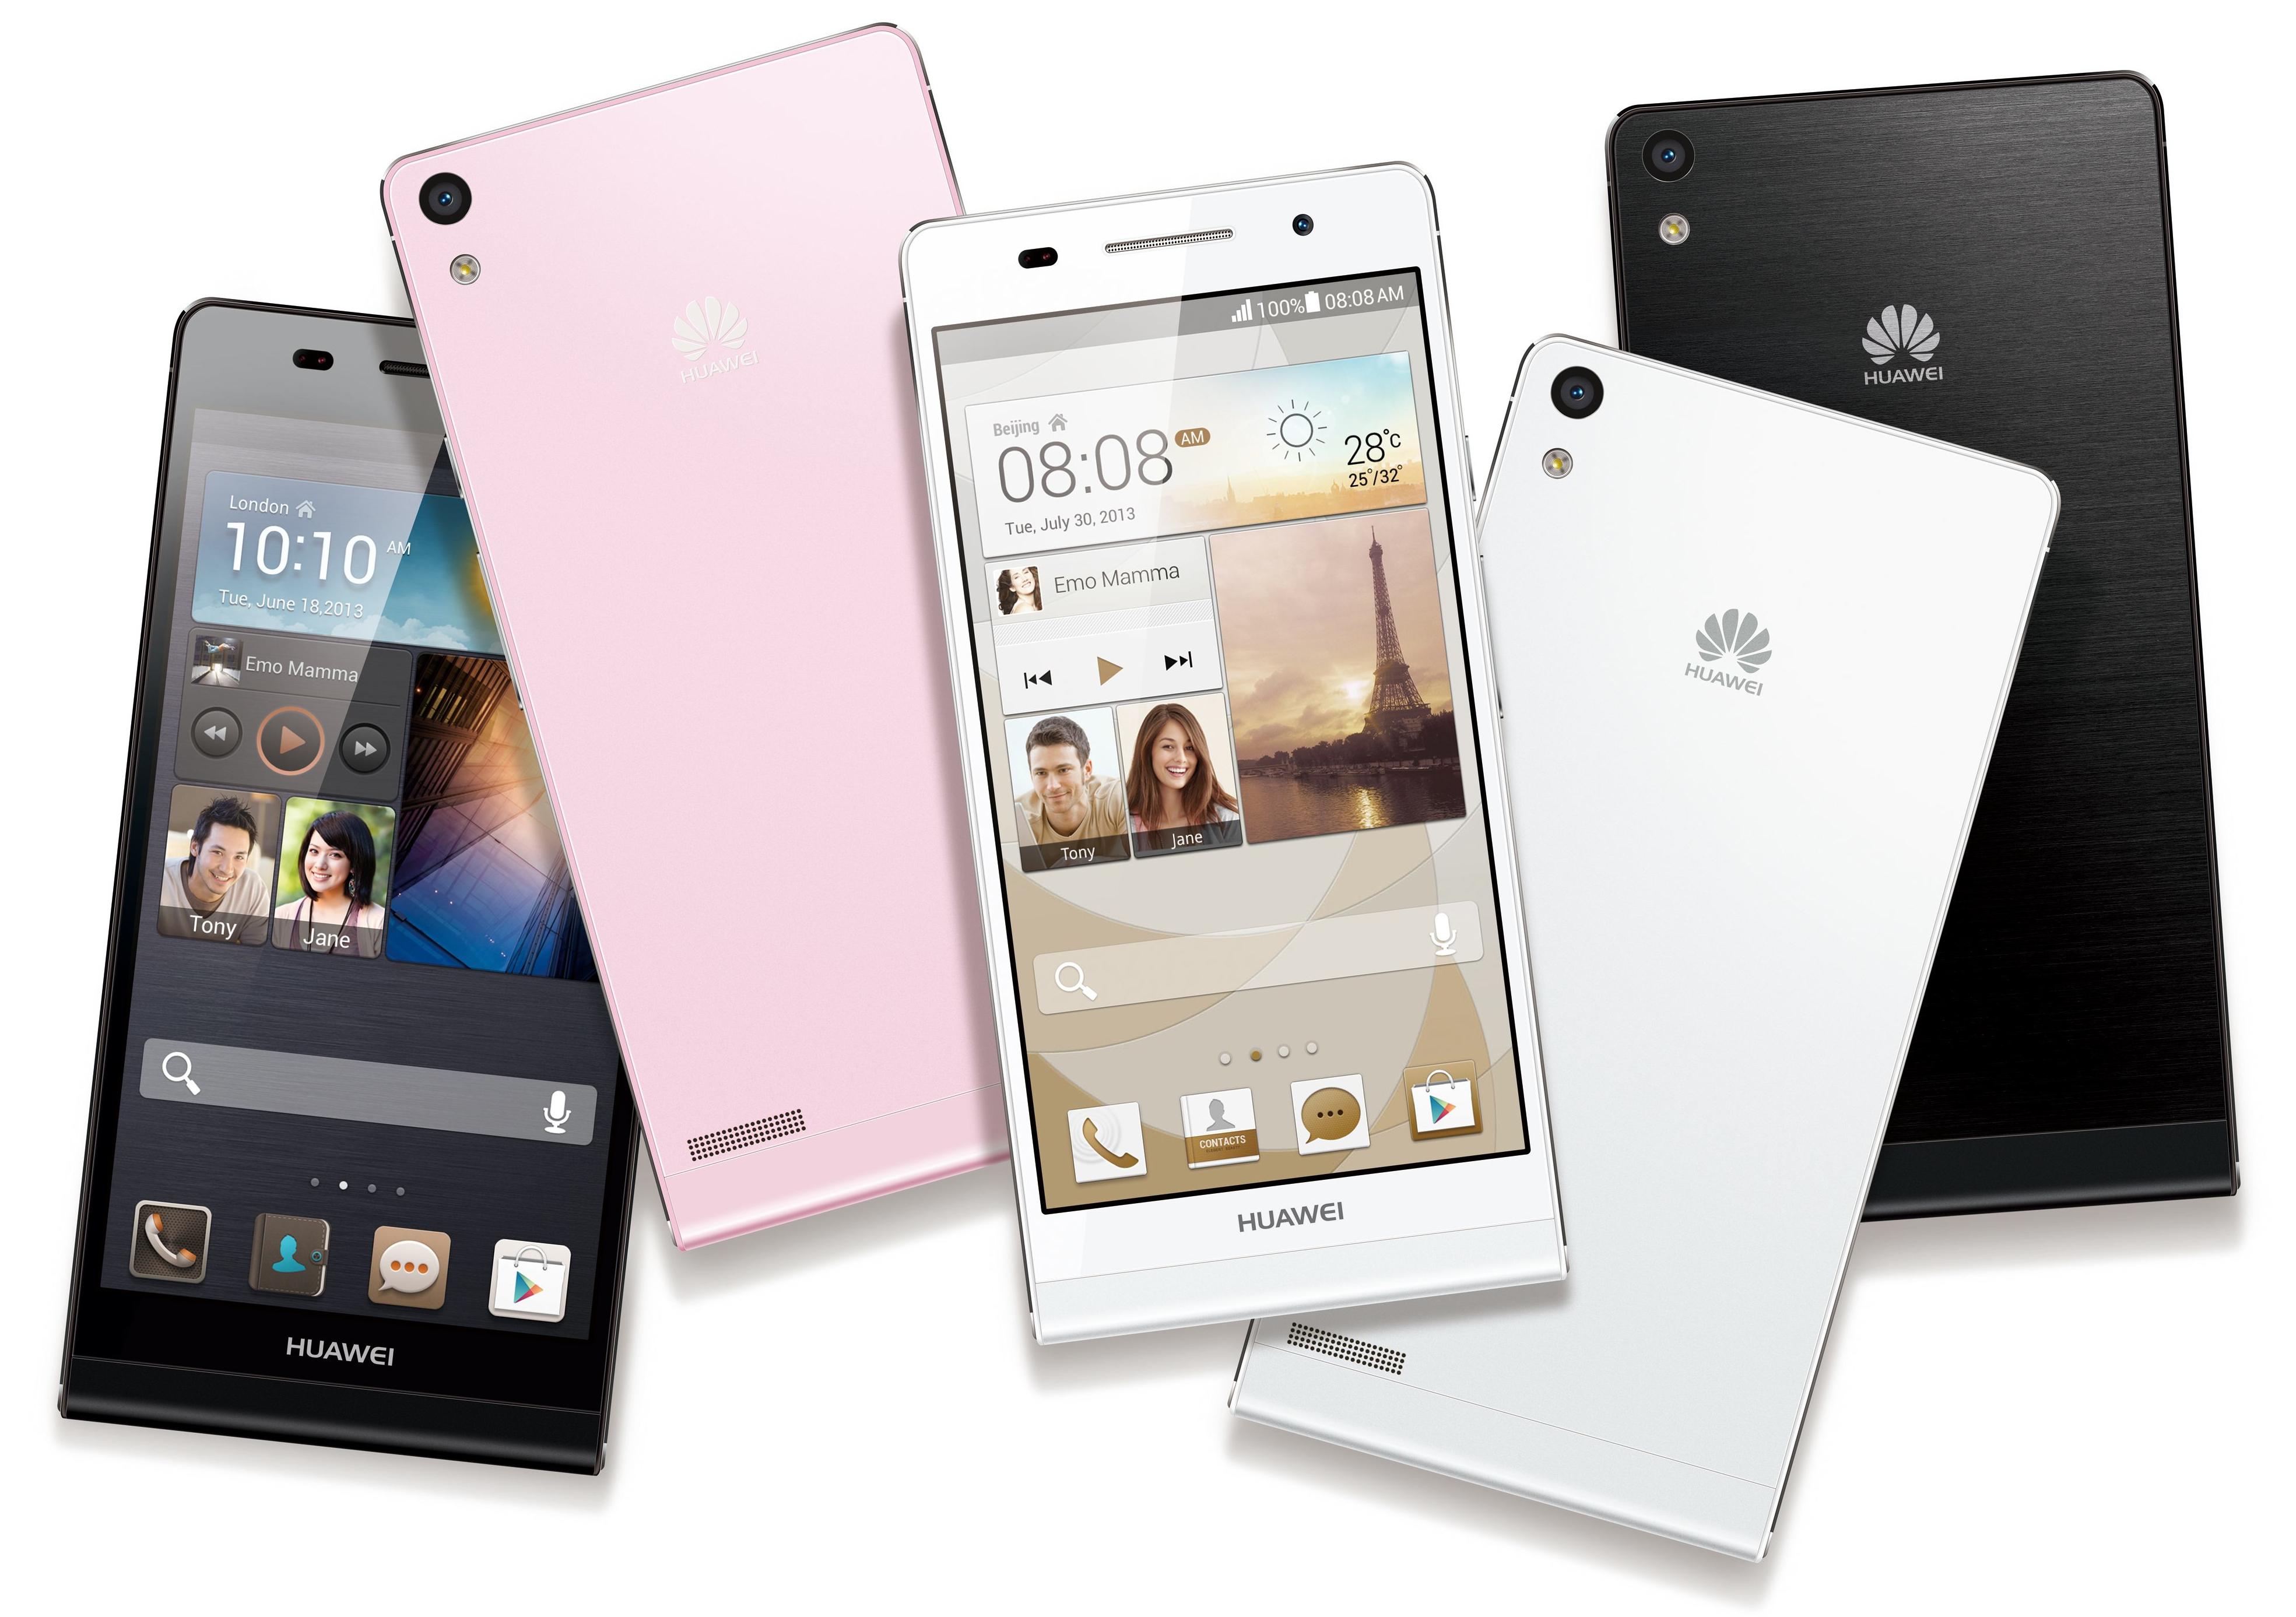 Mobilnik Huawei Ascend P6 je povsem upravičeno prejel nagrado za najboljši potrošniški pametni telefon v Evropi!